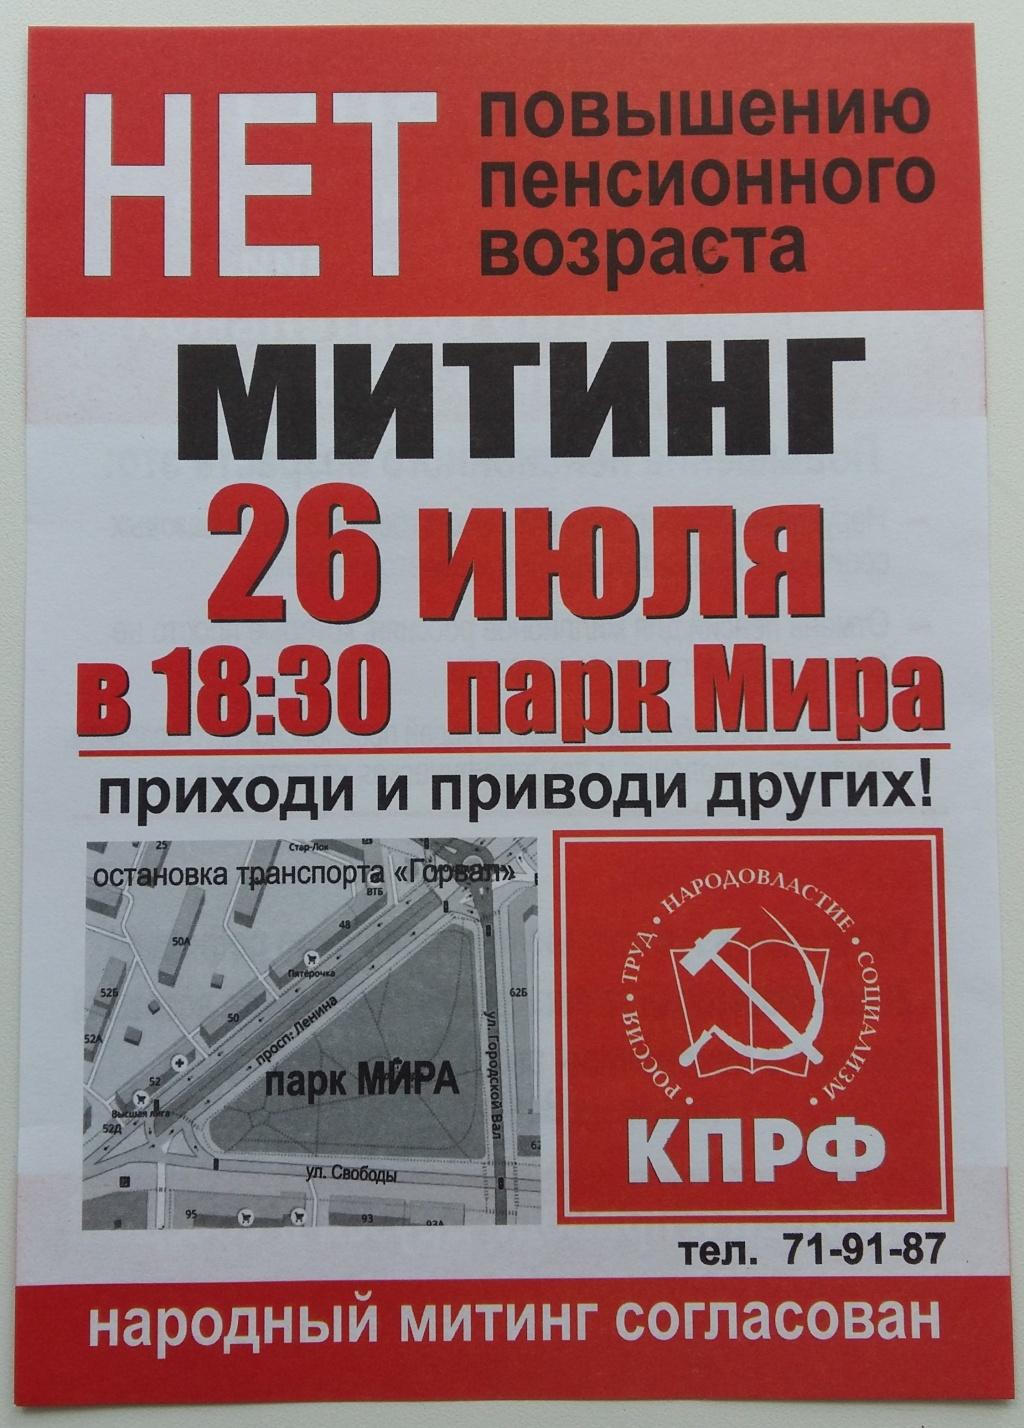 Листовка митинга в Ярославле.jpg